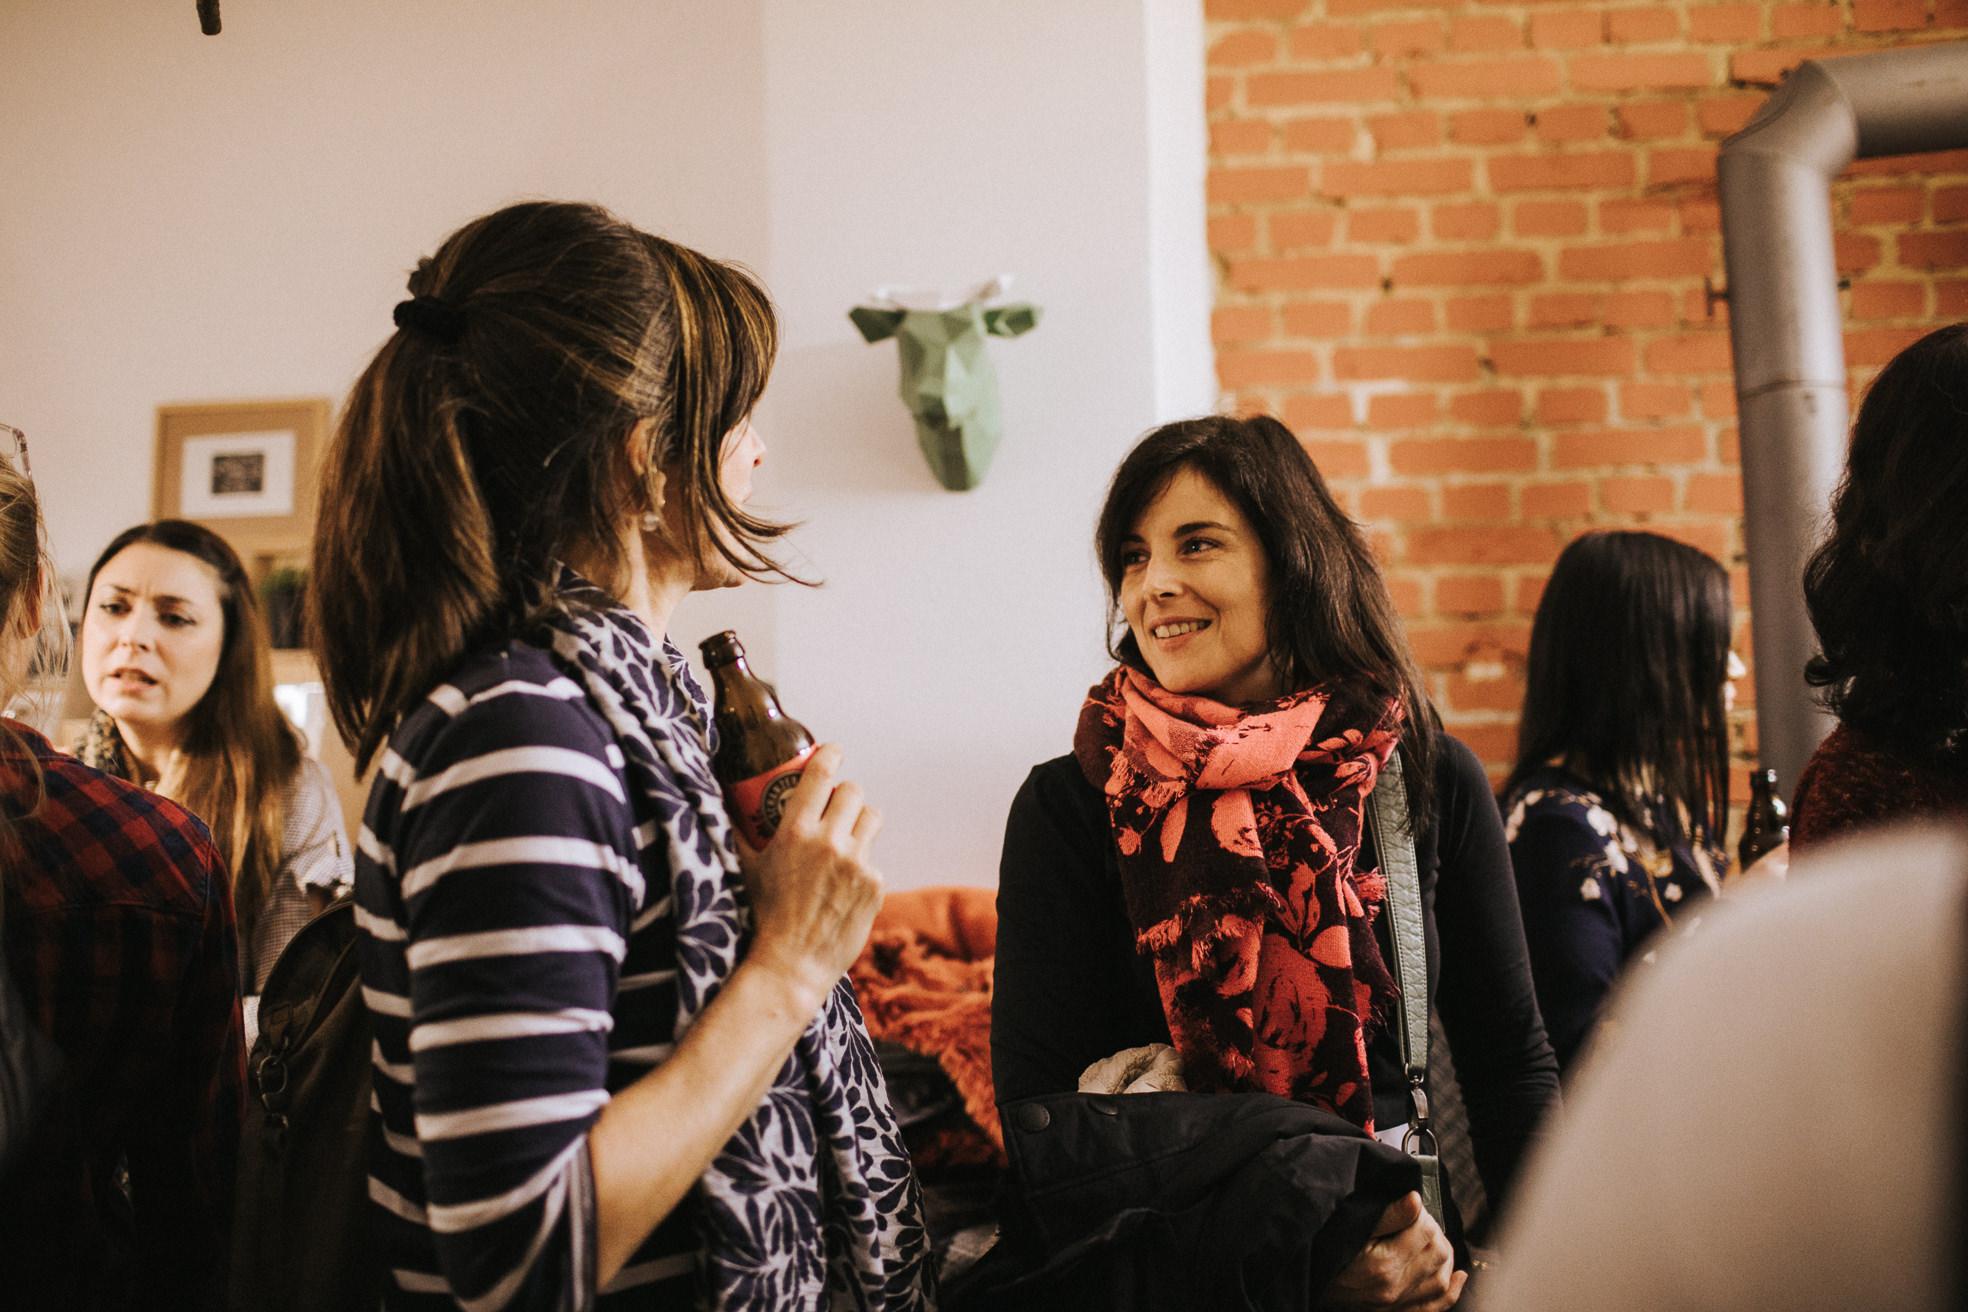 0020-Unternehmerinnen-Treffen-Anemoi--IM3C6747